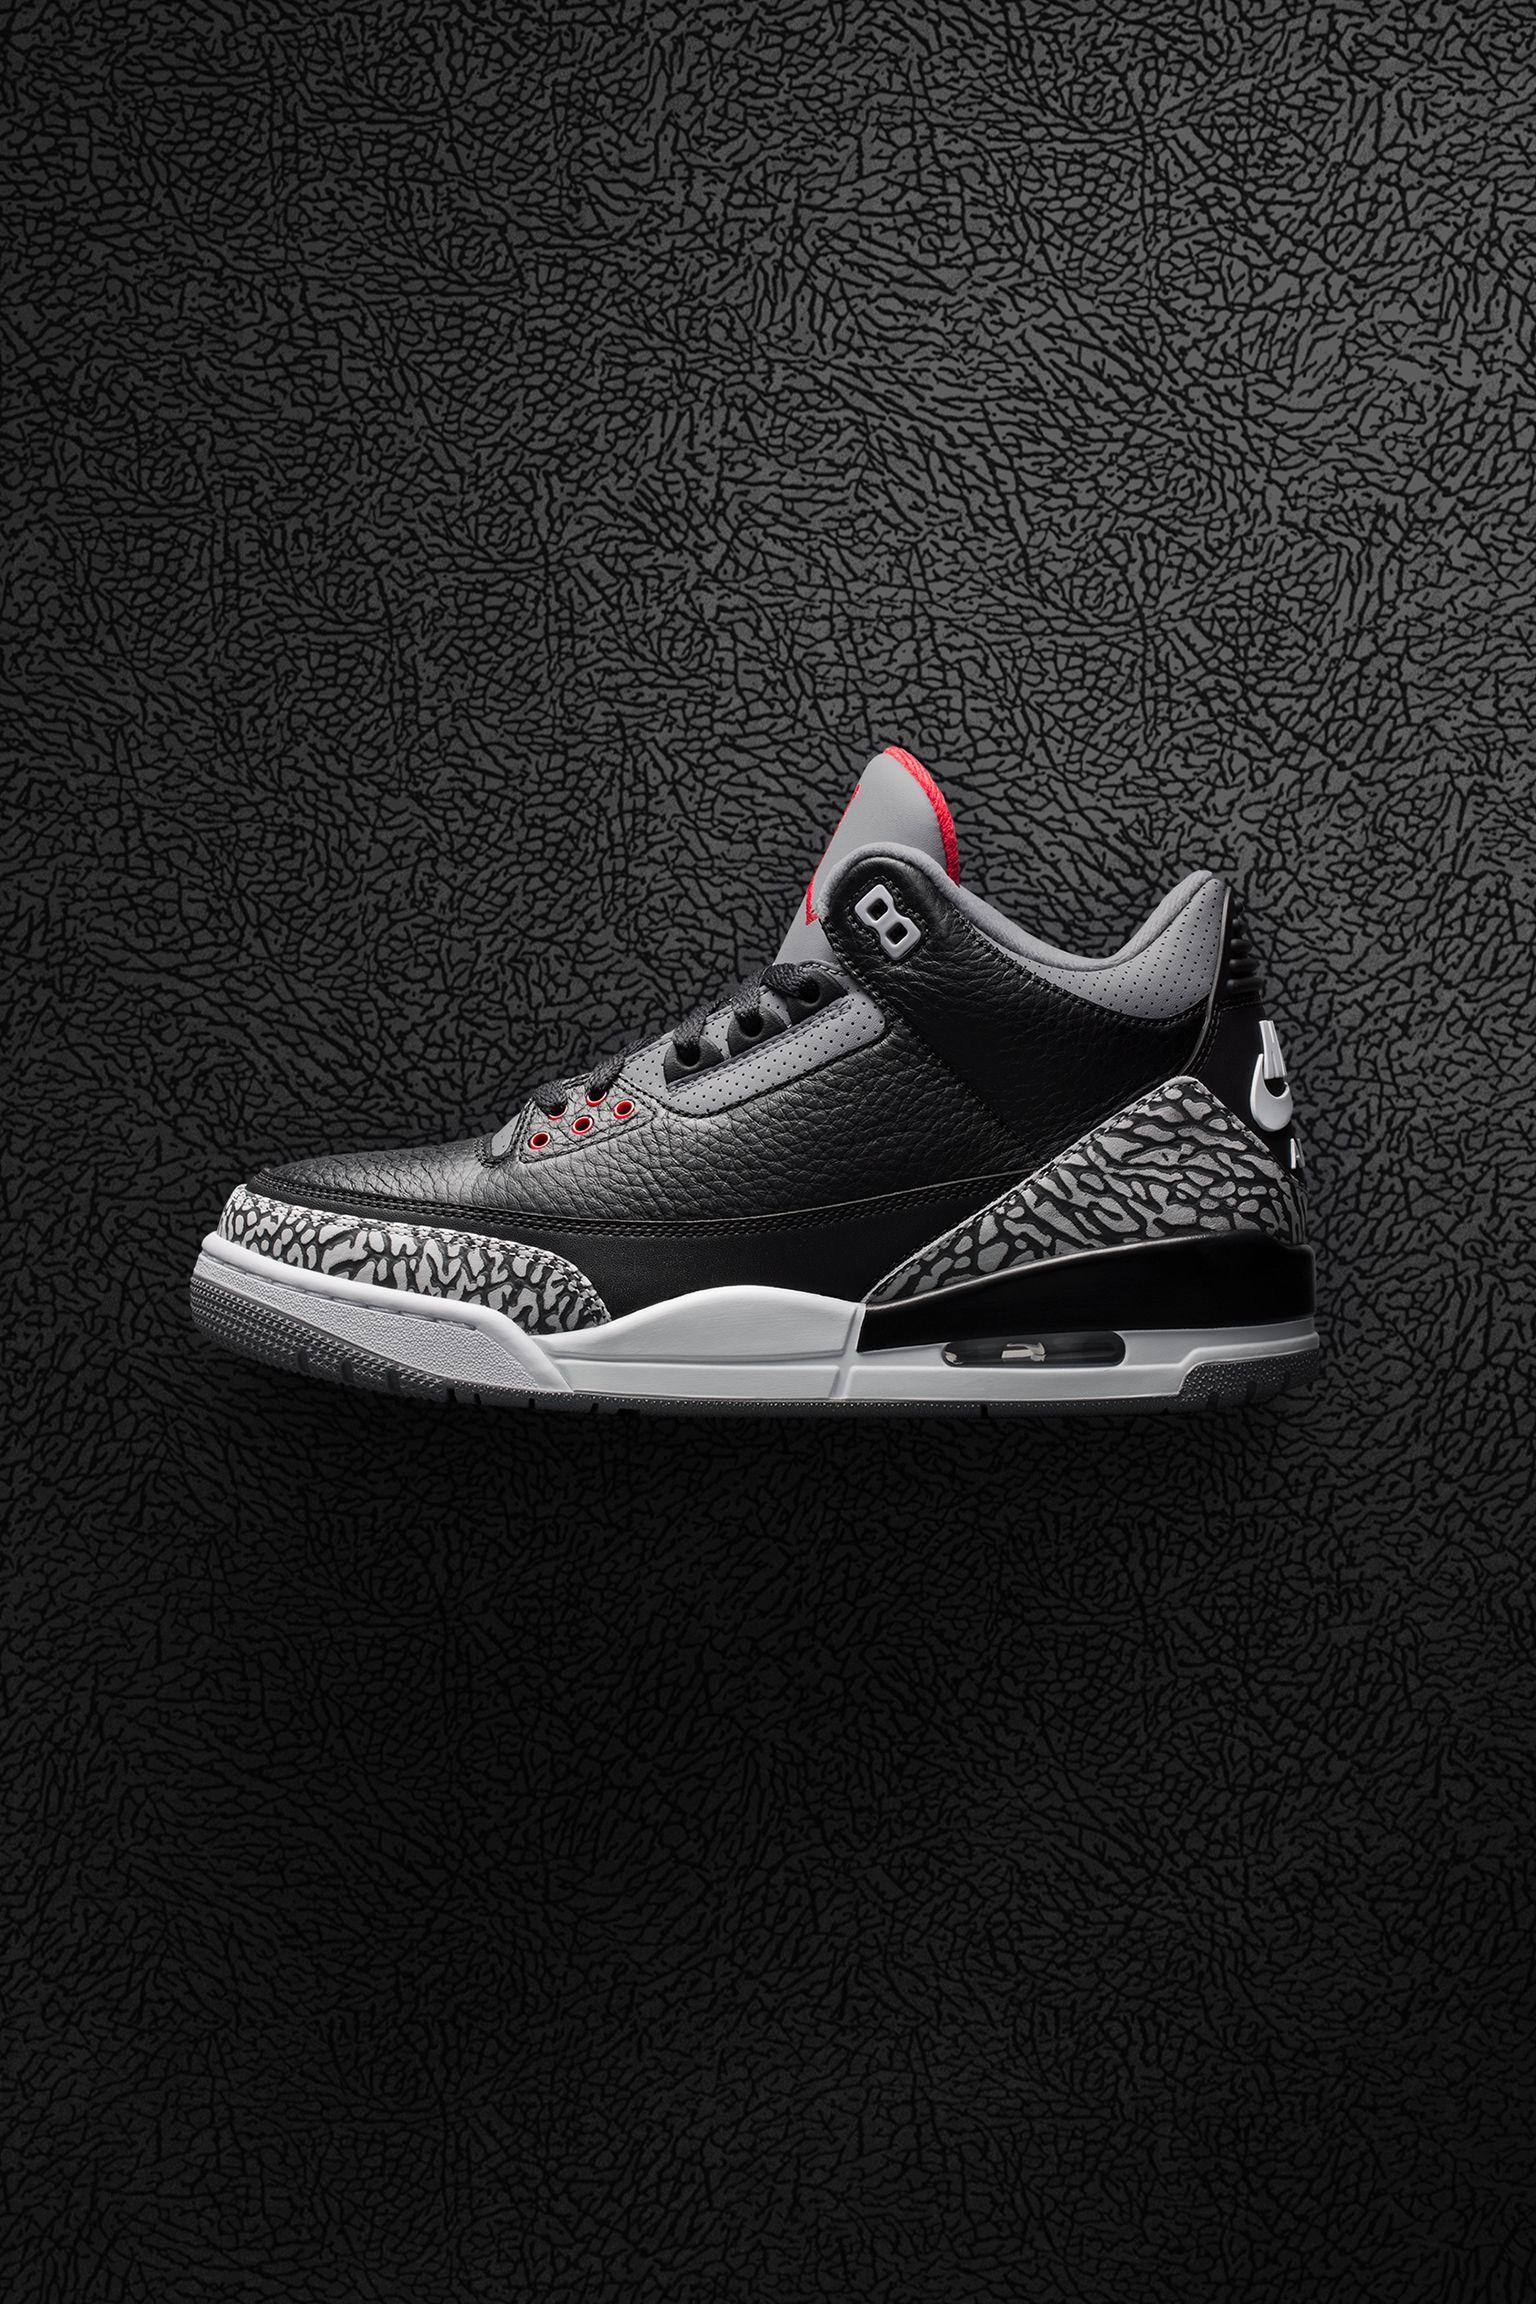 Air Jordan 3 Retro OG  Black Cement  2018 Release Date . Nike+ SNKRS 3d0dbe1abb